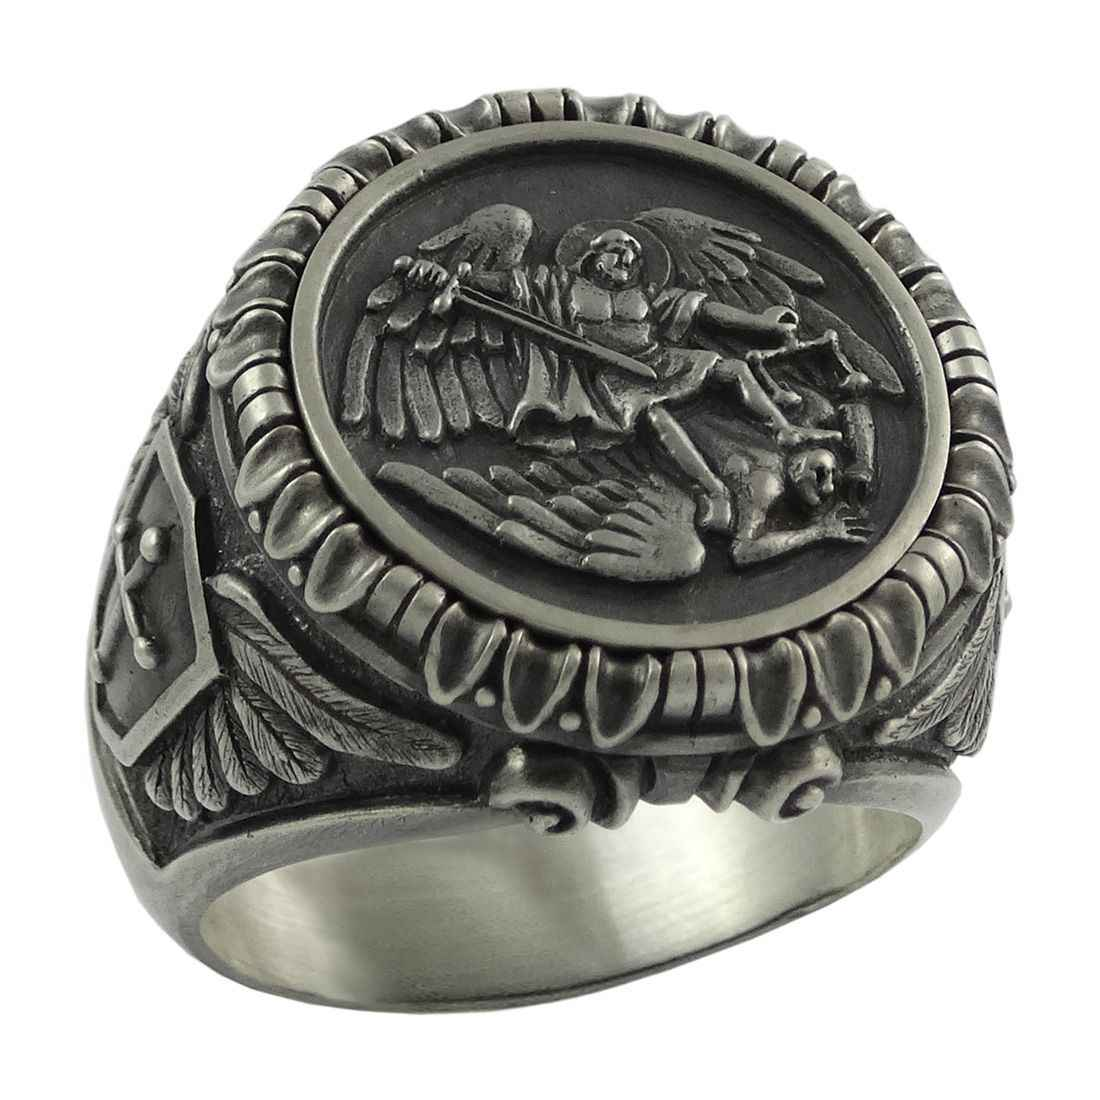 ใหม่บันทึกและป้องกัน Archangel BIKER Mens Knigts Templar 316L แหวนสแตนเลส Guardian Angel เครื่องประดับ